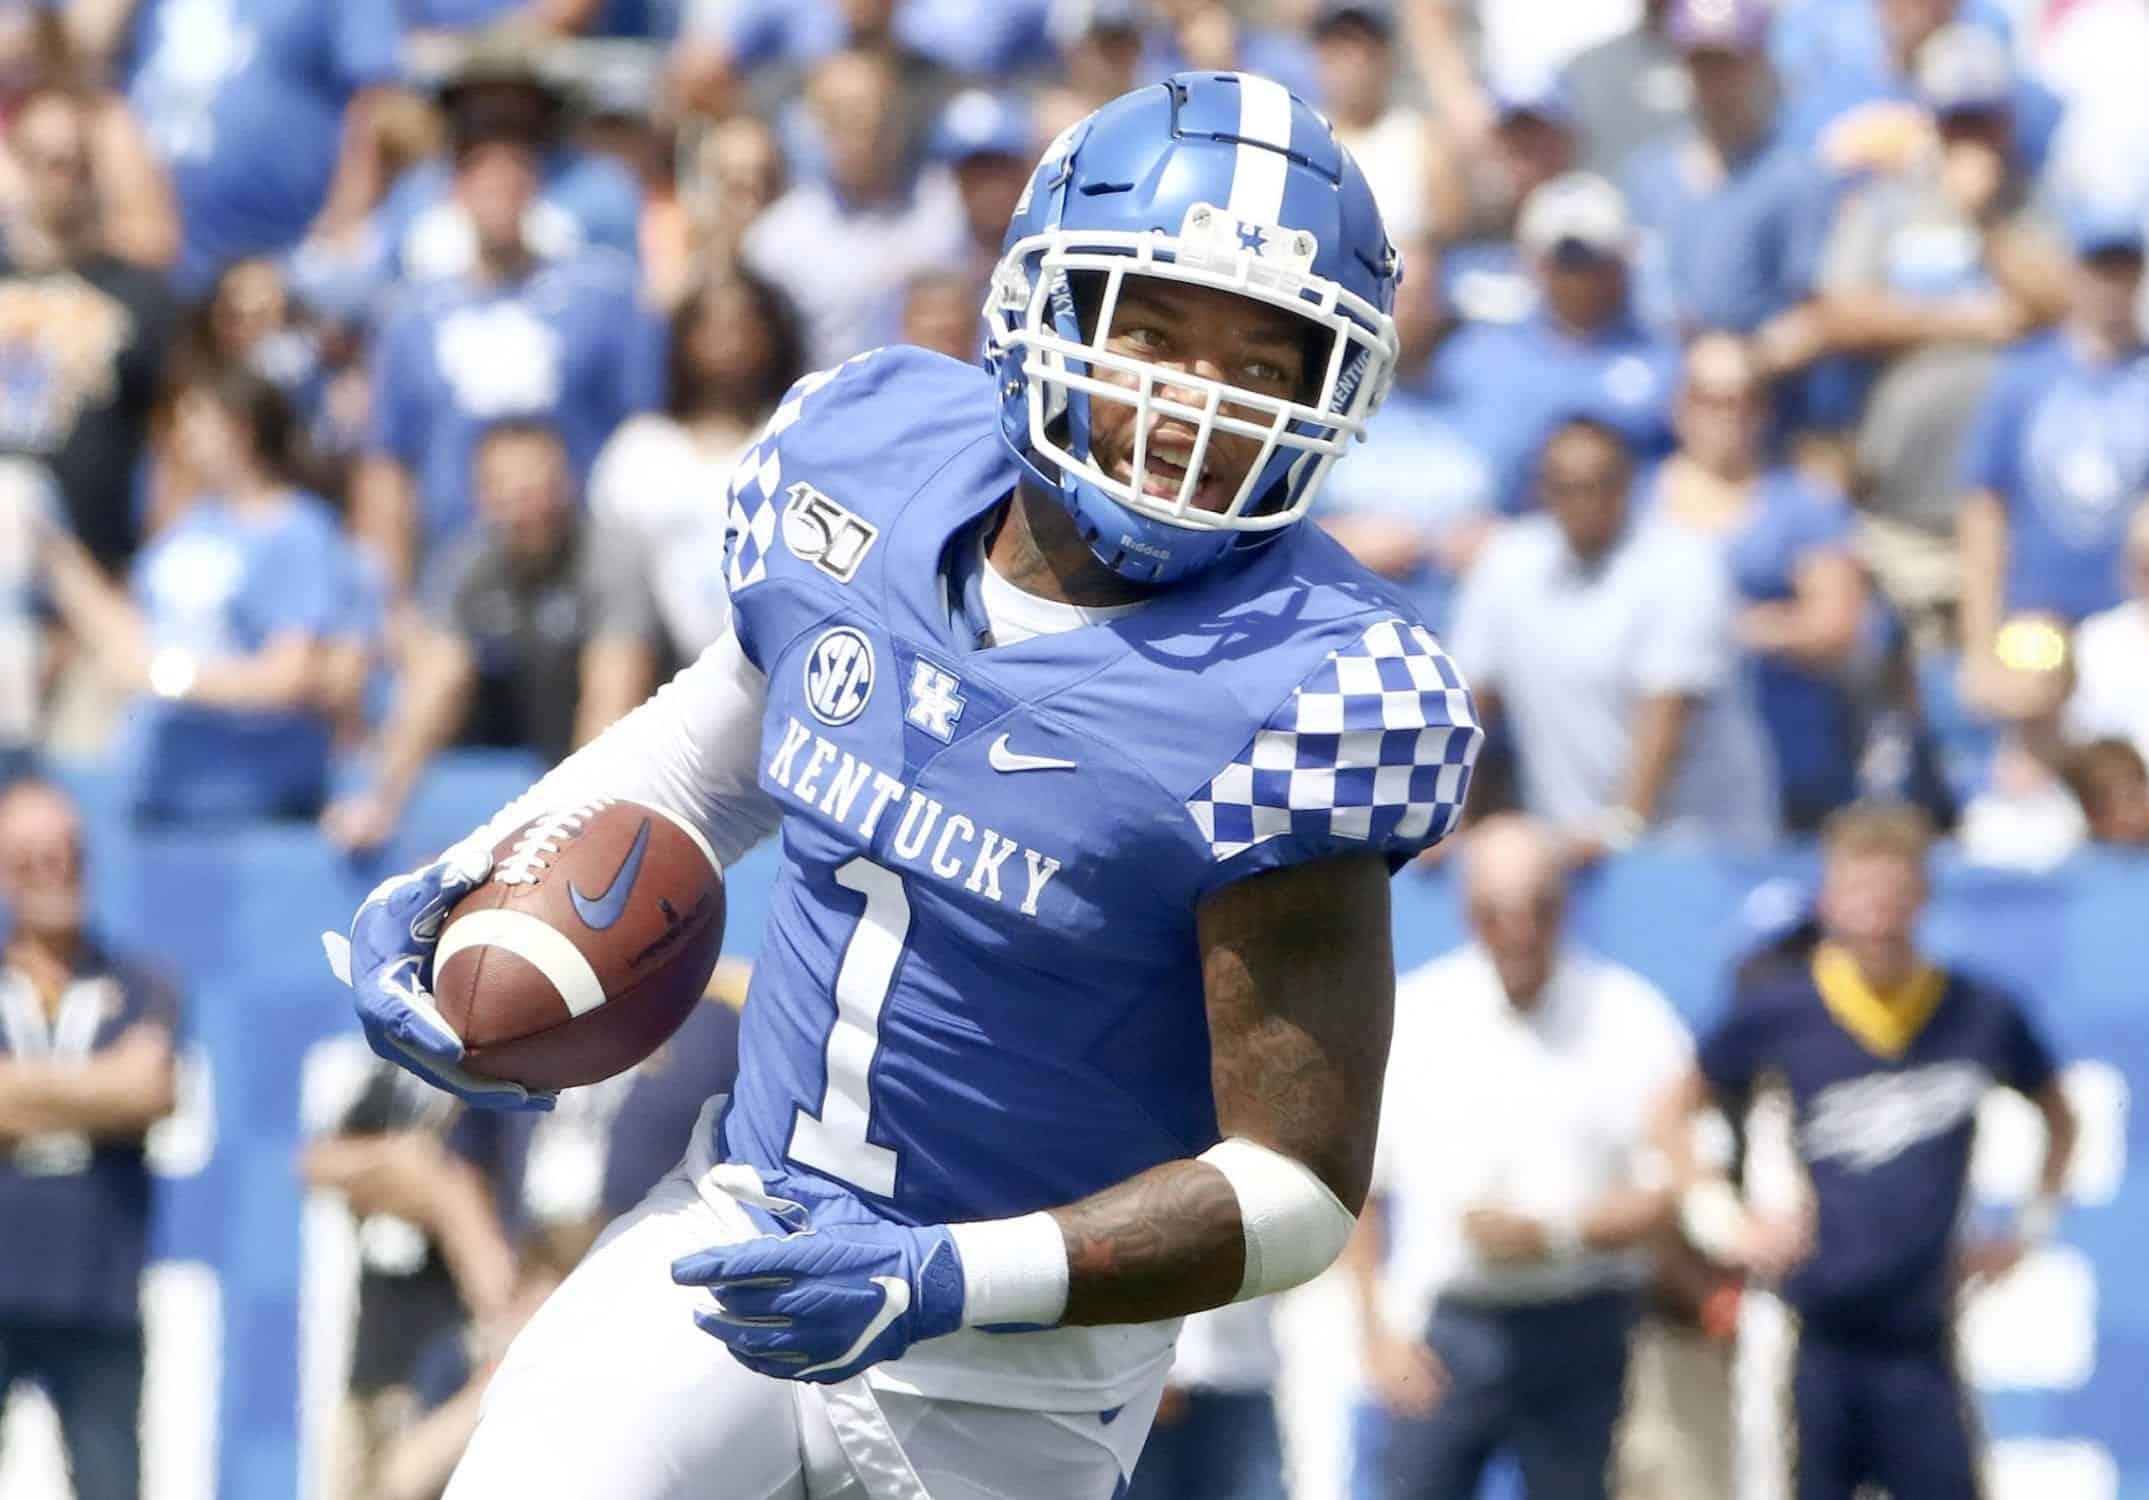 2020 NFL Draft: Kentucky's Lynn Bowden an offensive juggernaut